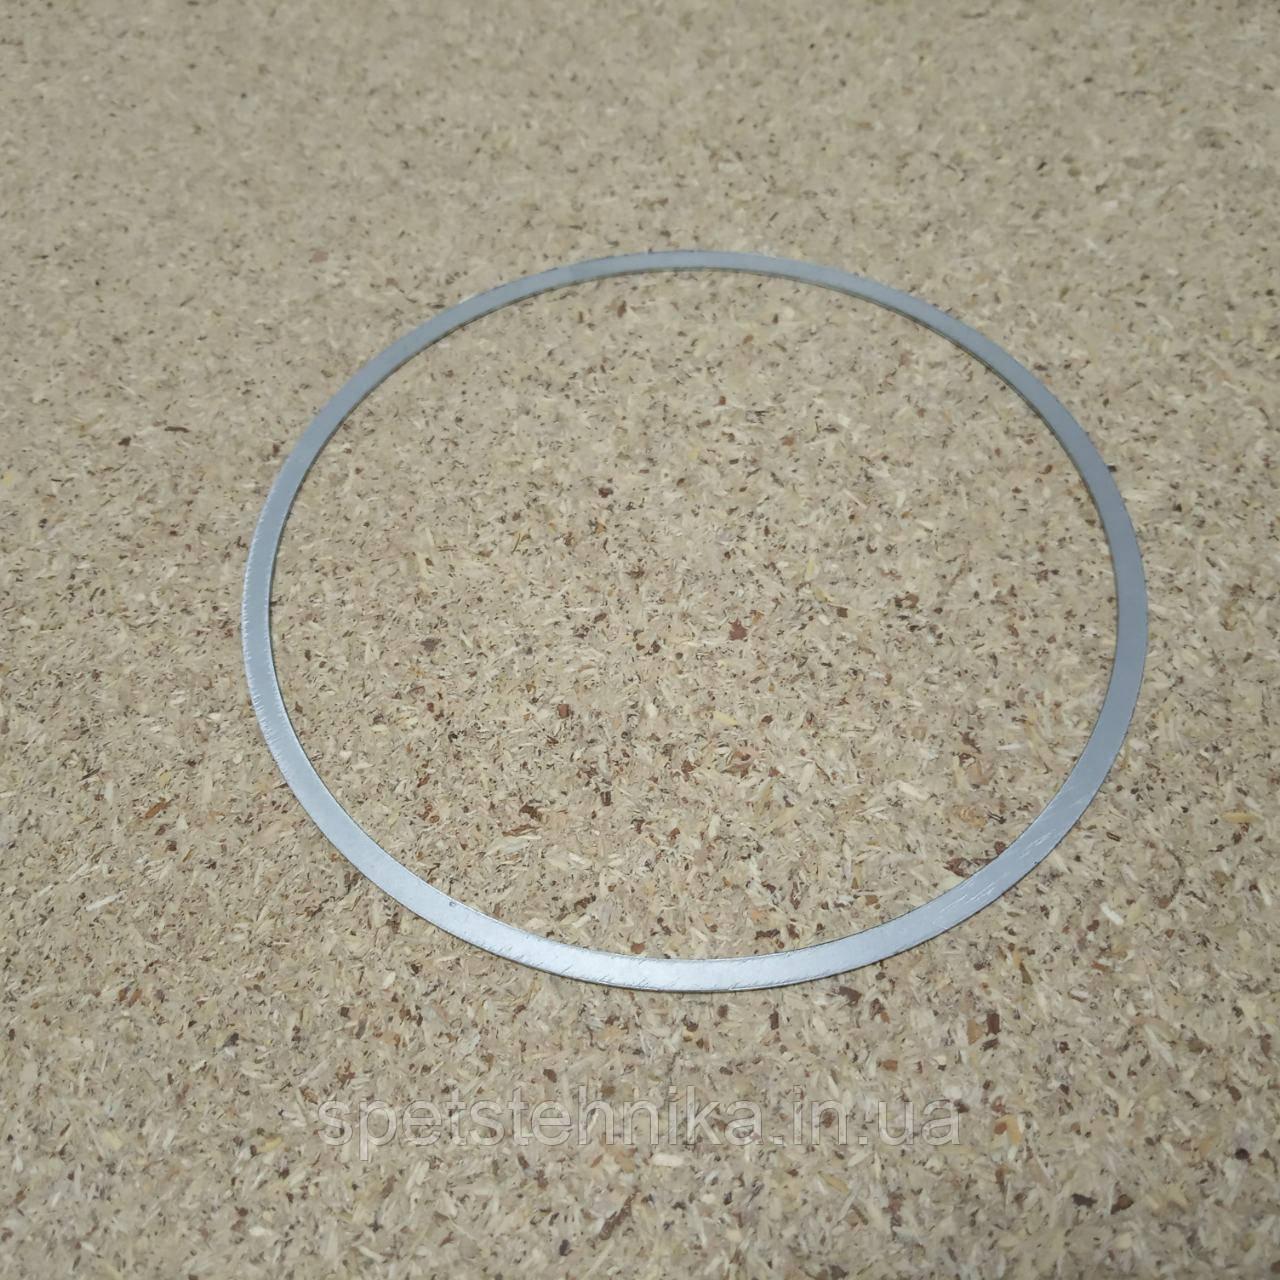 04231433 компенсационное кольцо